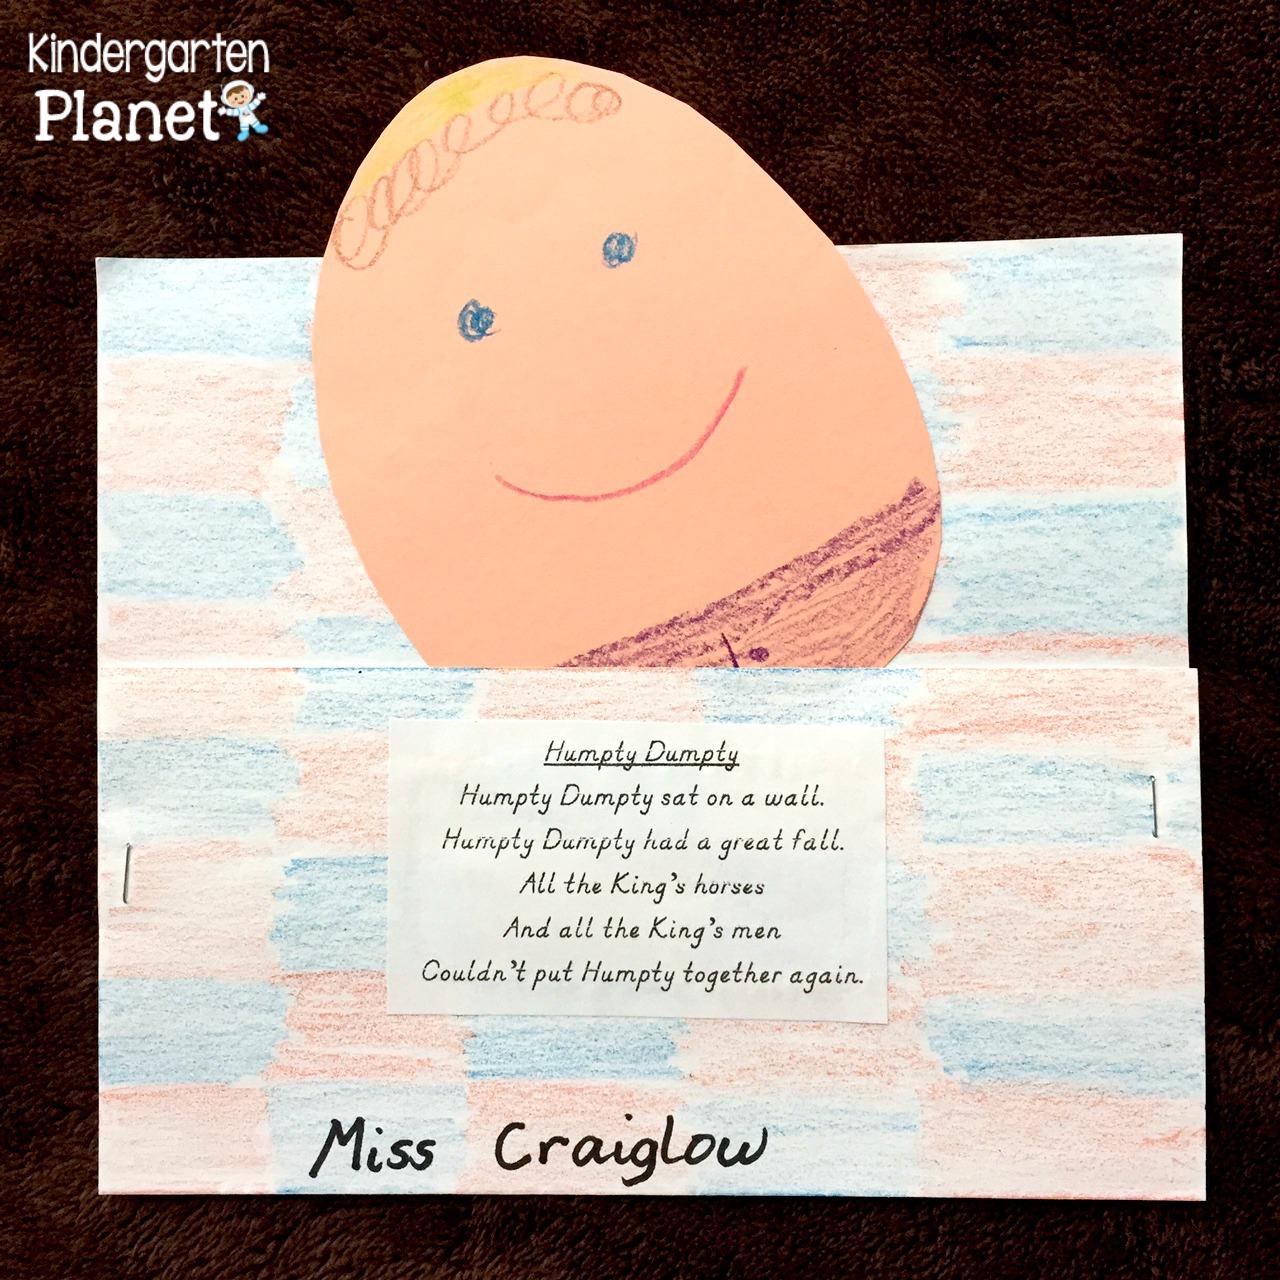 Kindergarten Planet: May 2016